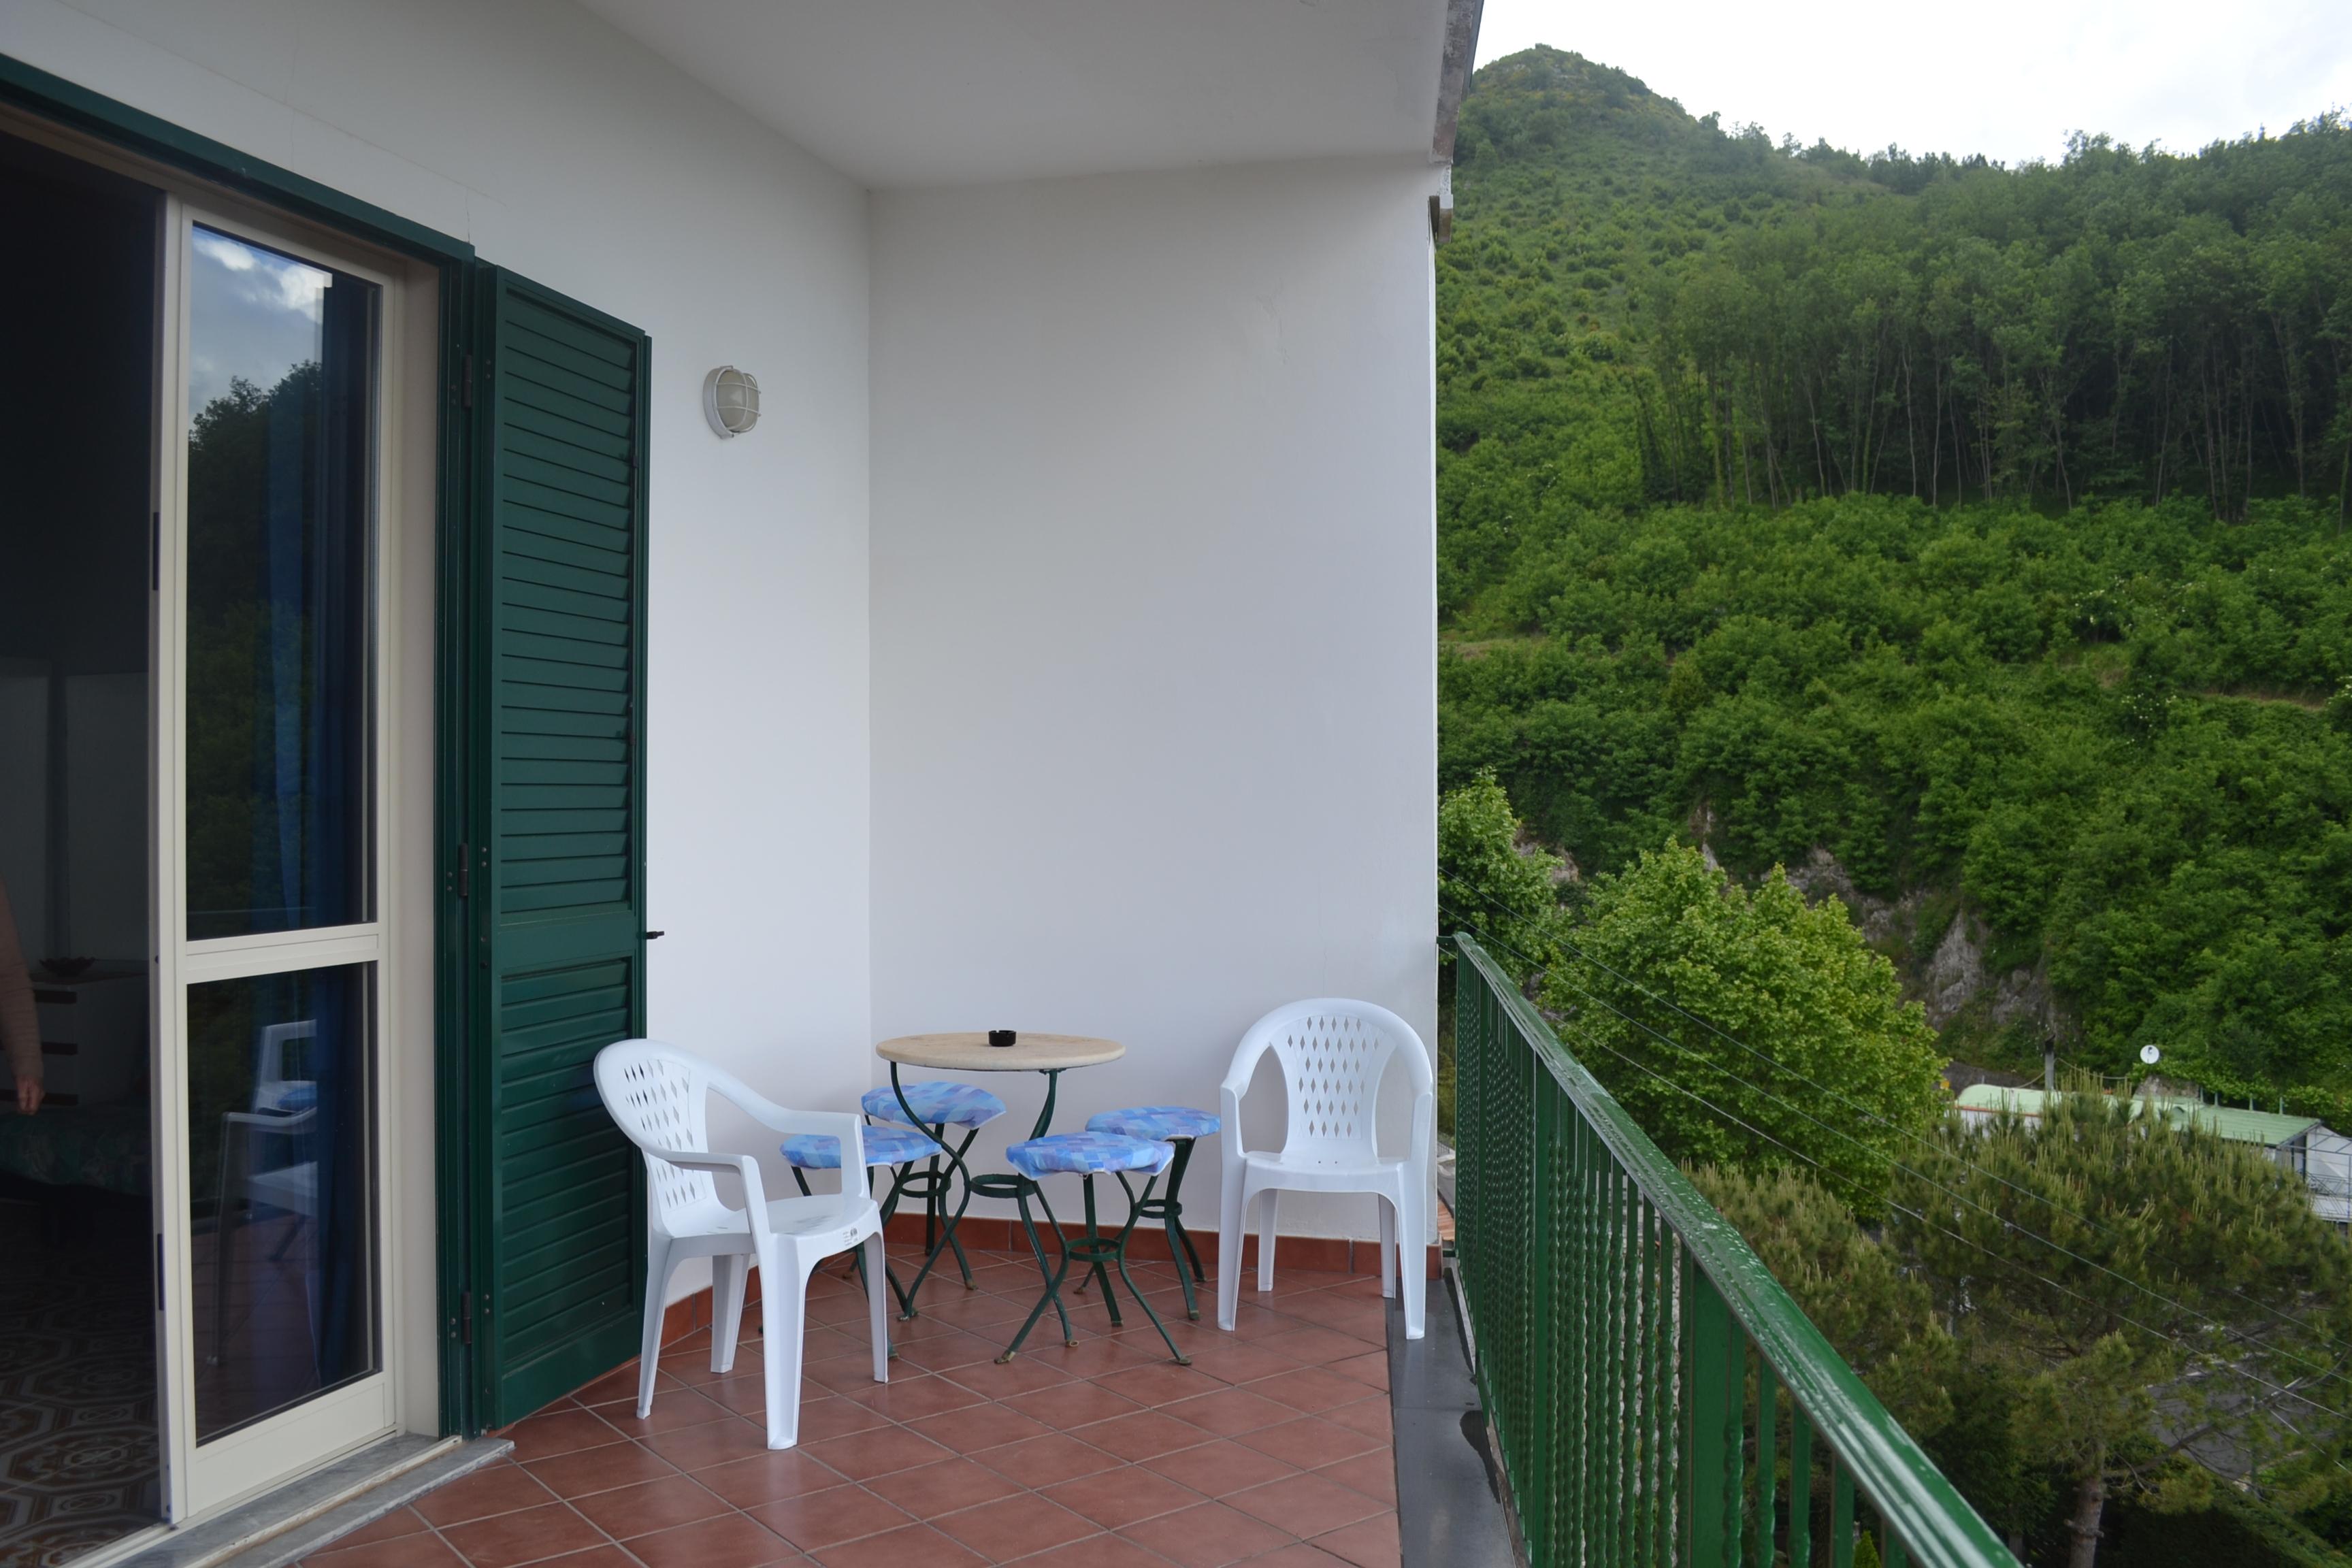 Ferienwohnung Bedebreakfastilys Coast Amalfitana (2520092), Cava de' Tirreni, Salerno, Kampanien, Italien, Bild 12